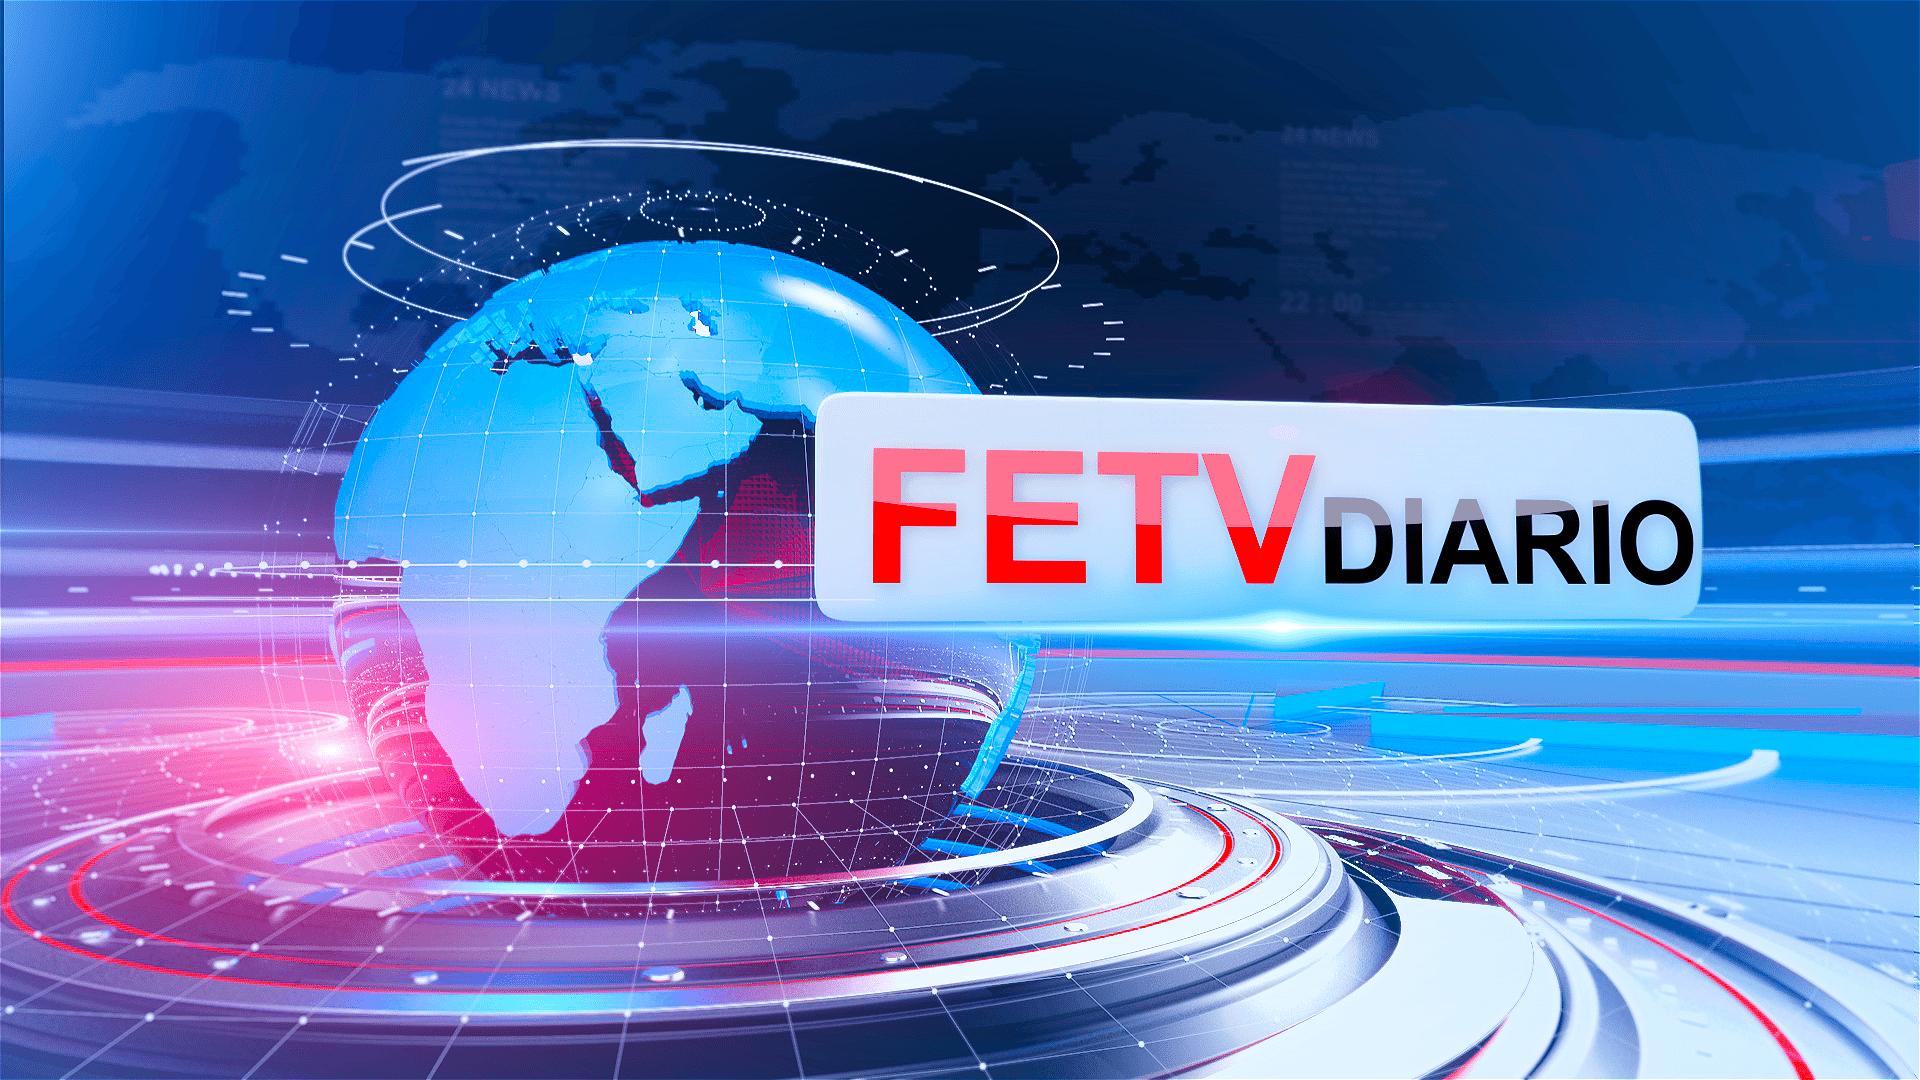 """""""FETV Diario""""  nuevo noticiero del canal católico de Panamá"""